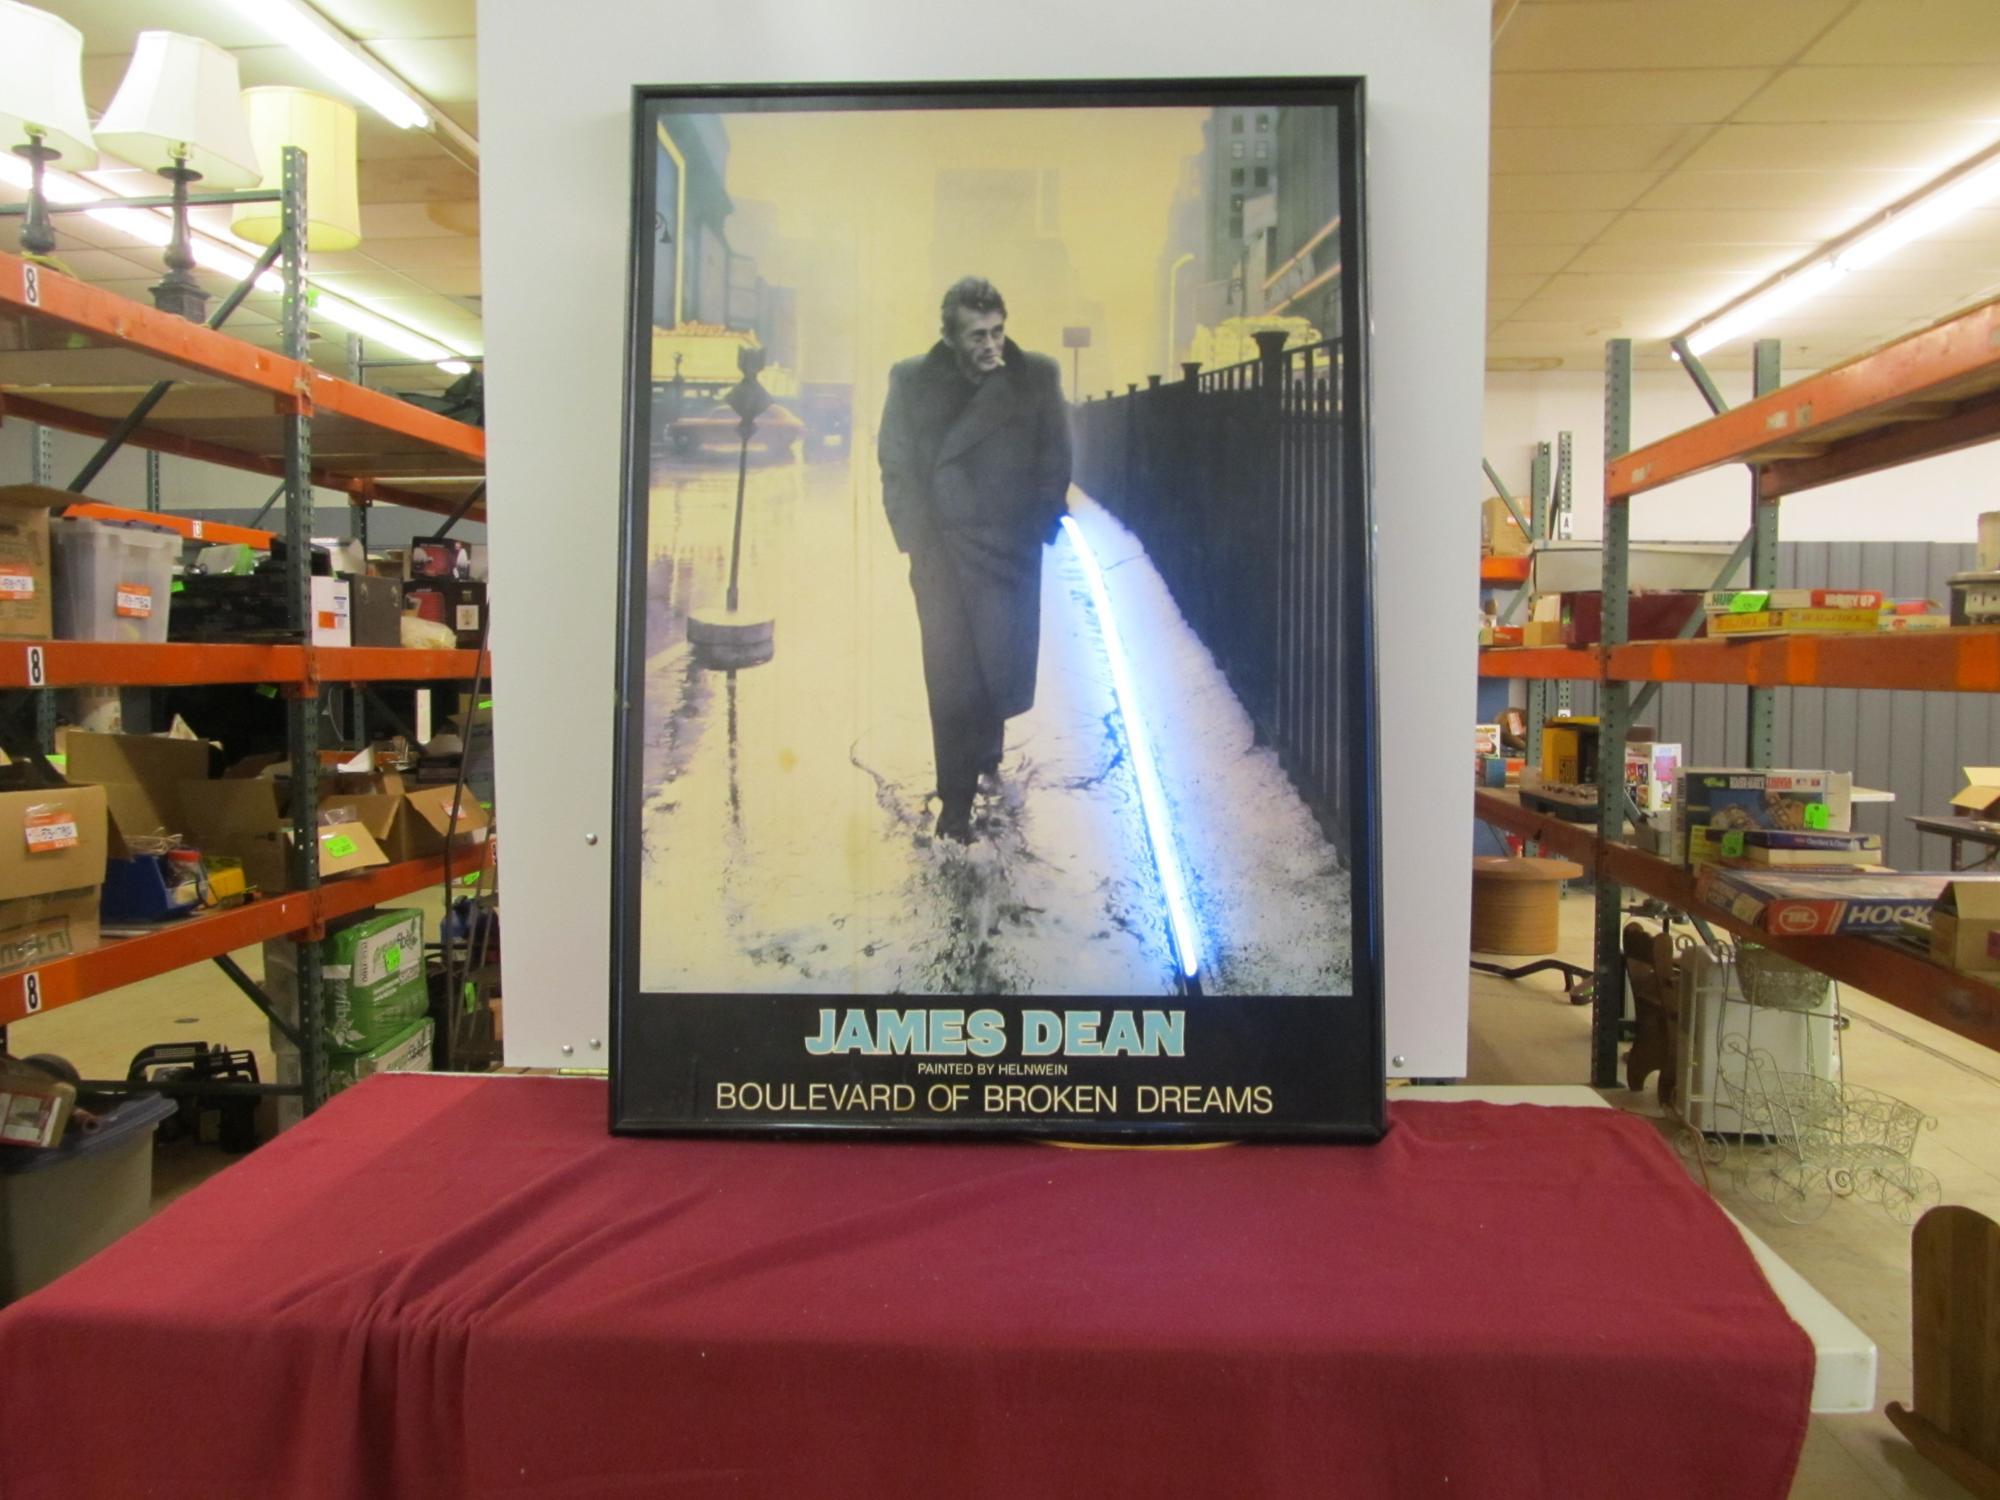 Ridofstuffcom James Dean Painted By Helnwein Boulevard Of Broken